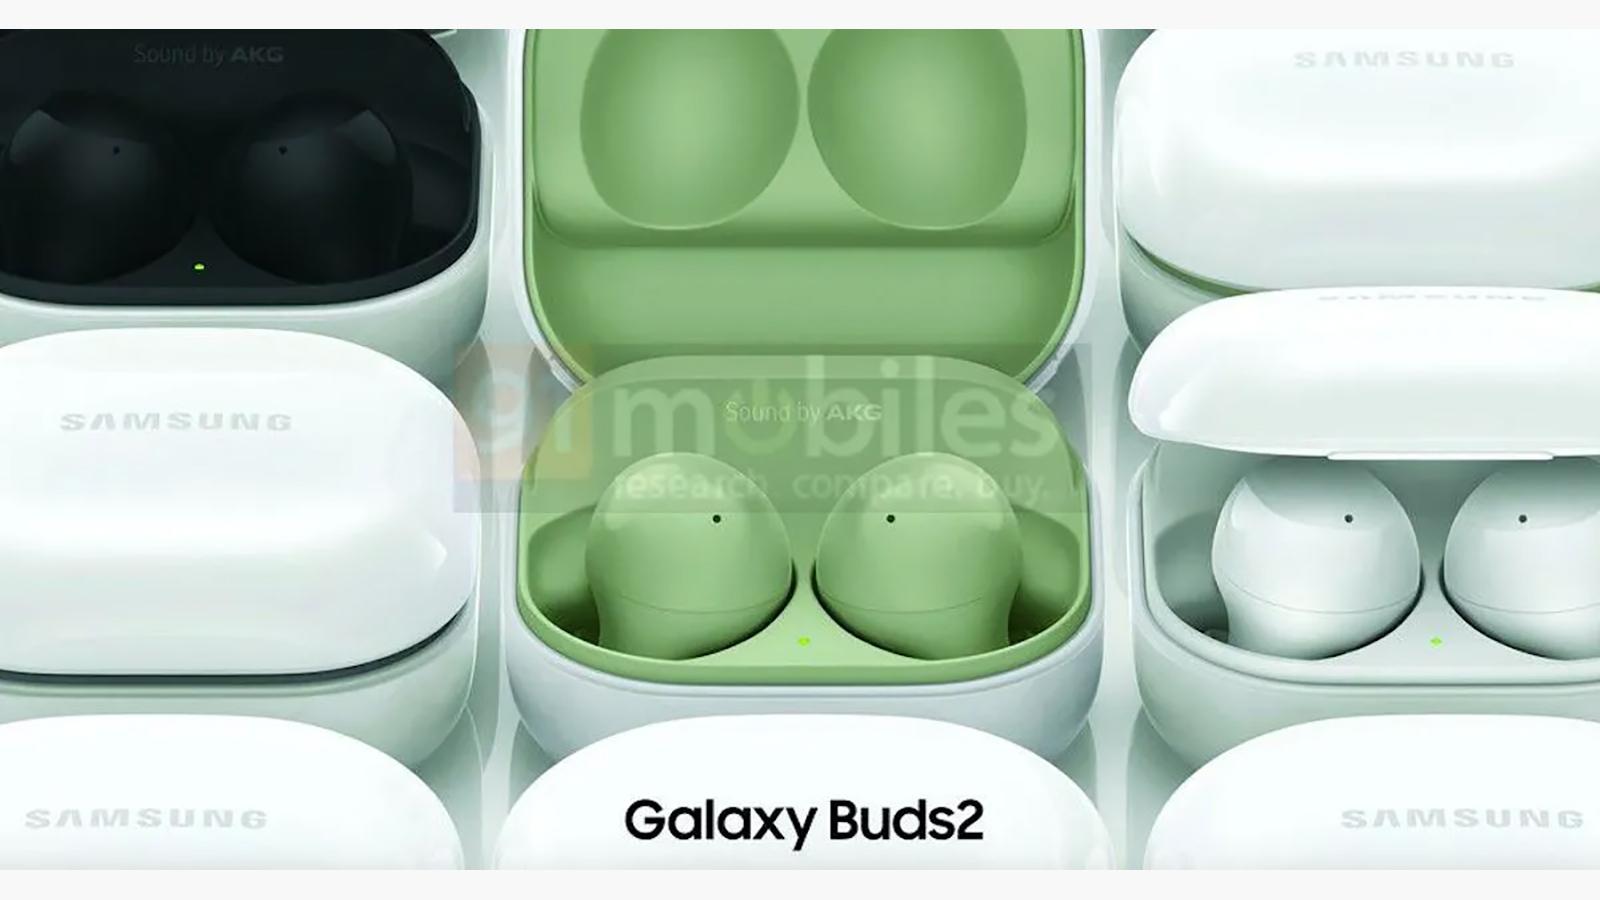 Samsung Galaxy Buds 2 leak